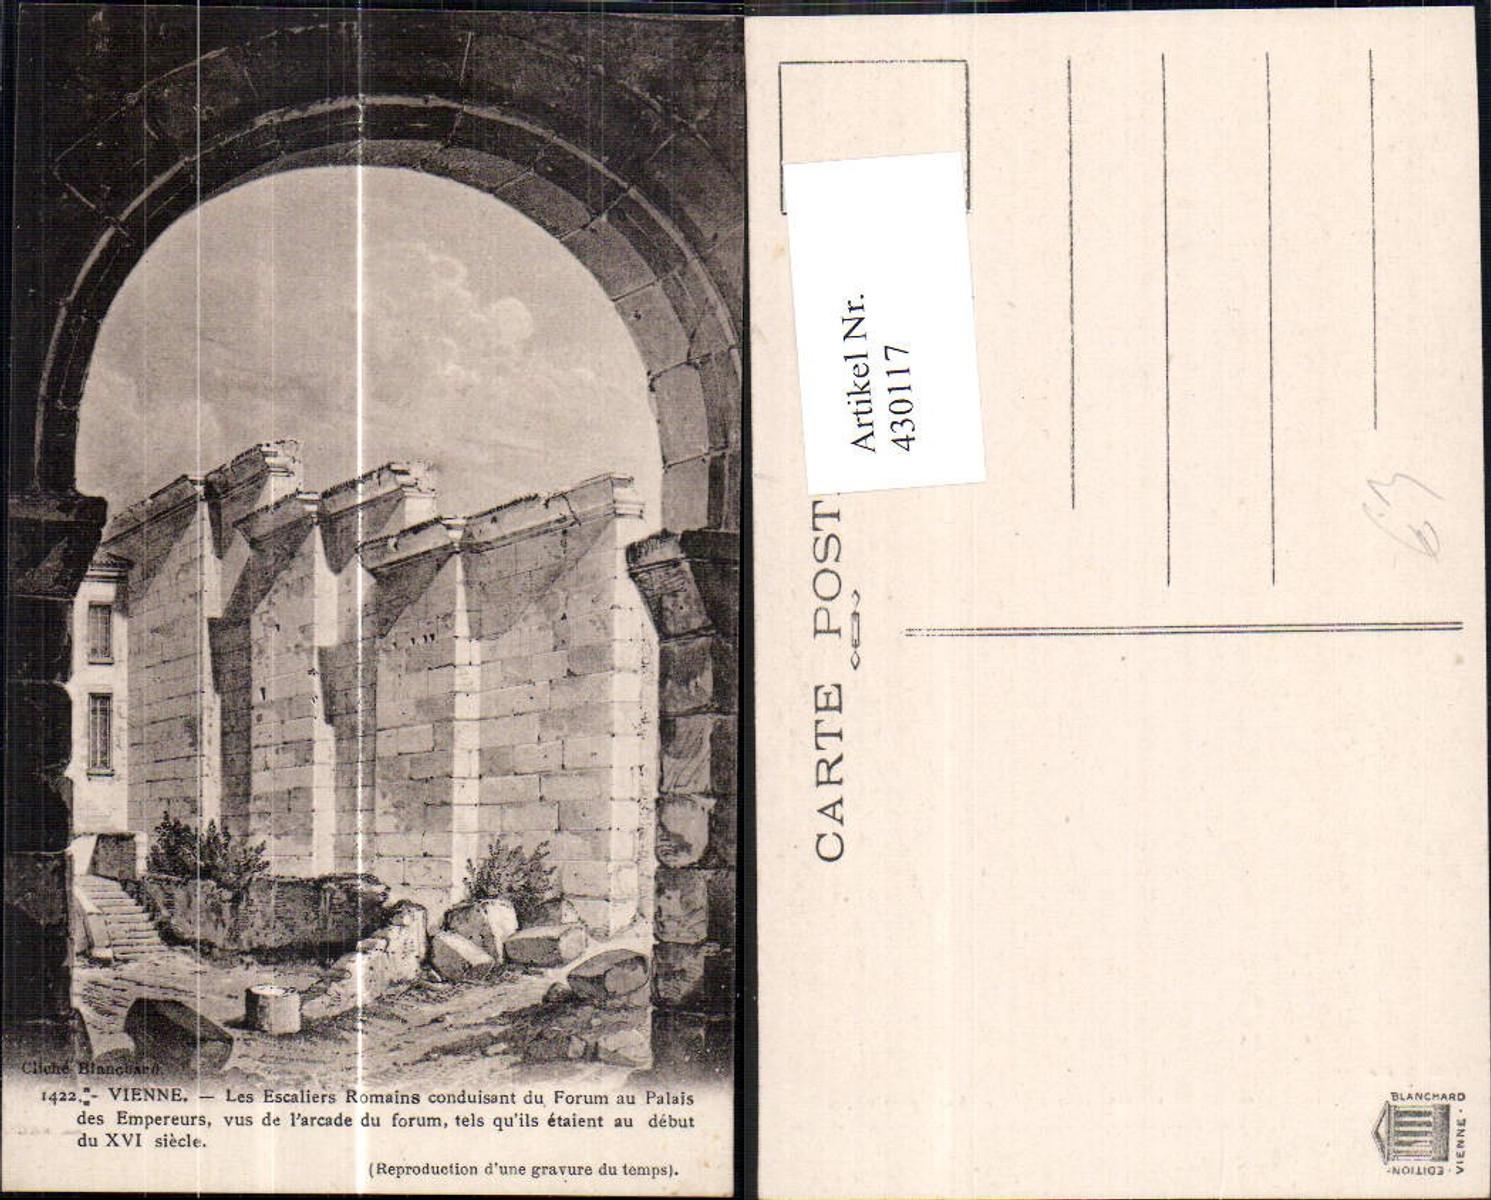 430117,Archäologie Vienne Les Escaliers Romains Forum au Palais des Empereurs Arkade günstig online kaufen